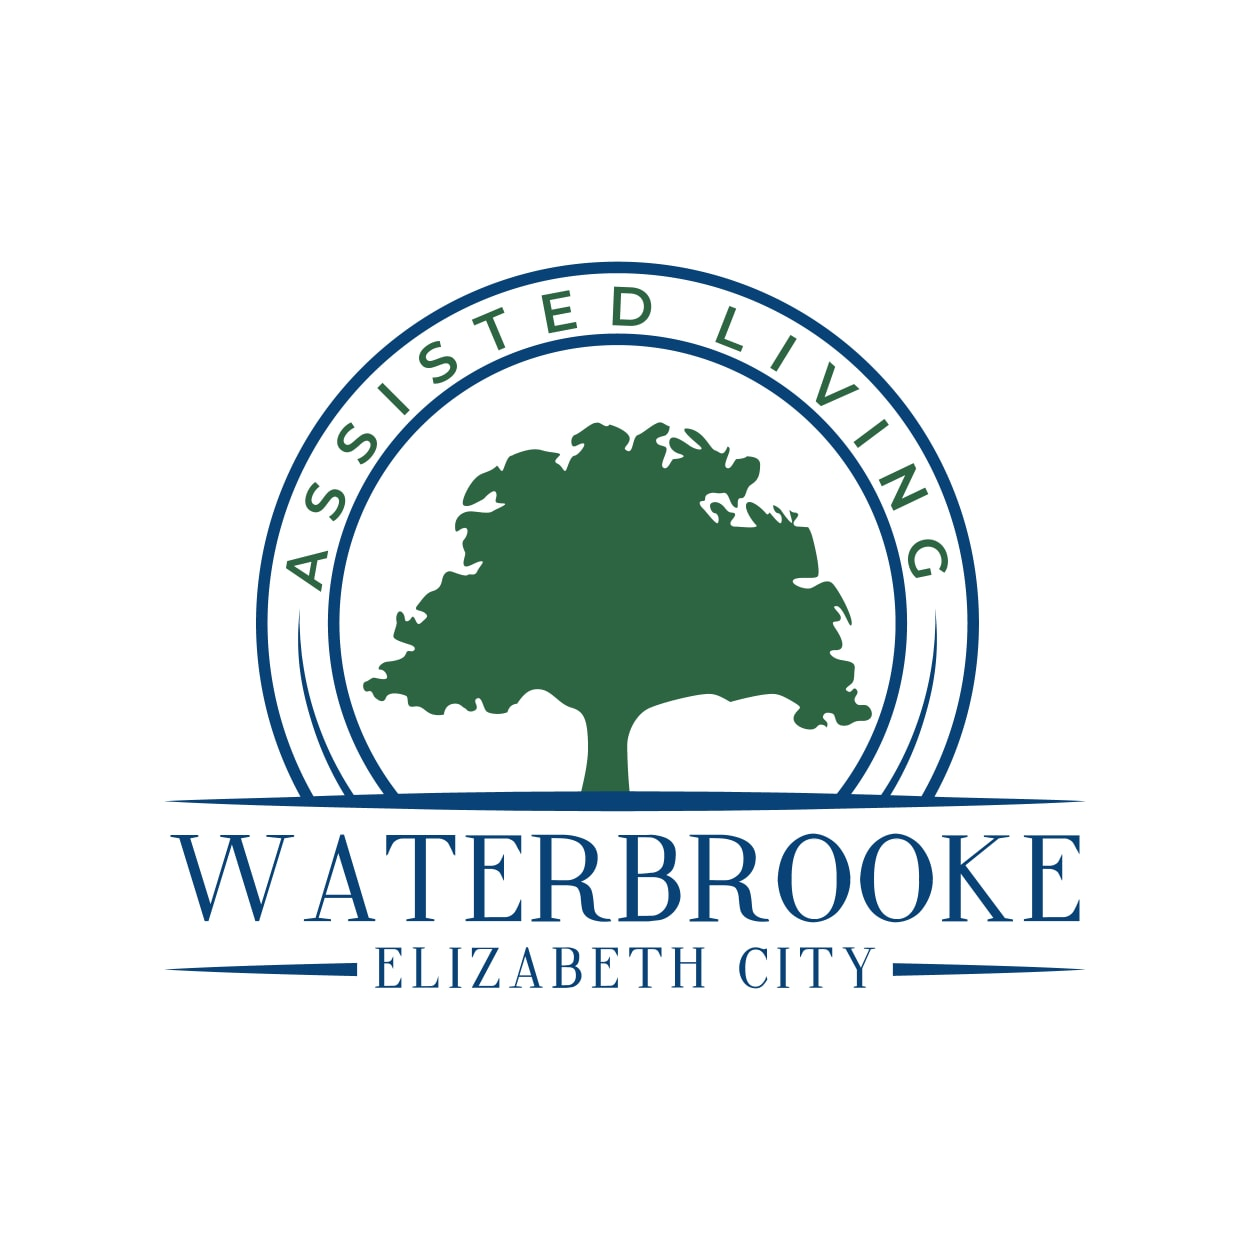 Waterbrookfinal-w1250.jpg